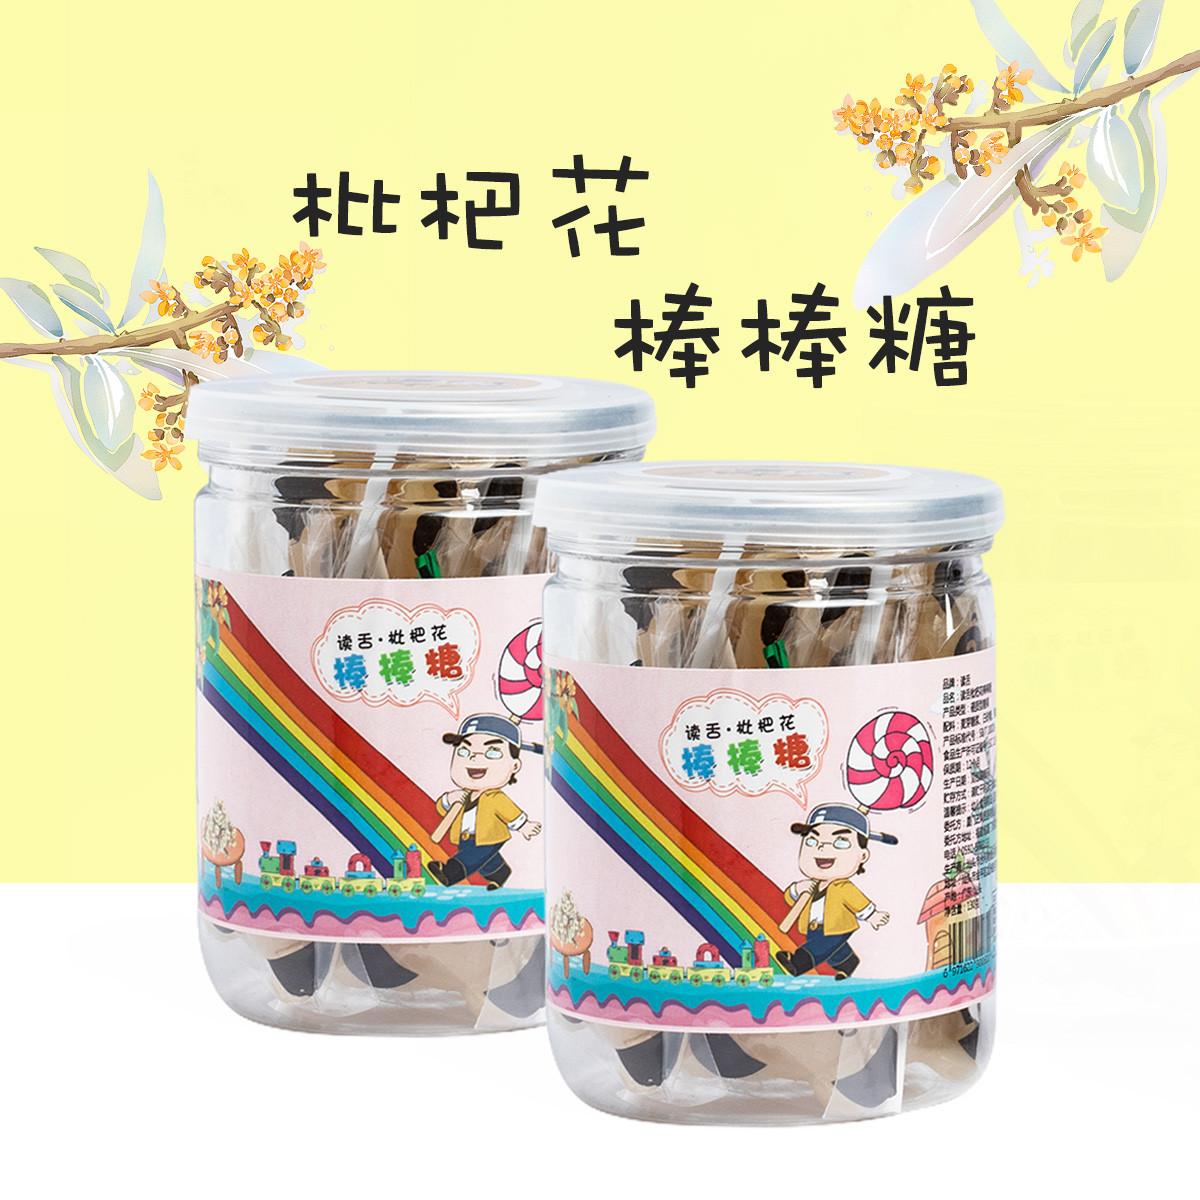 读舌枇杷花棒棒糖130克罐装麦芽糖创意可爱卡通糖果儿童棒棒糖2罐COLOR枇杷花棒棒糖130g*2罐